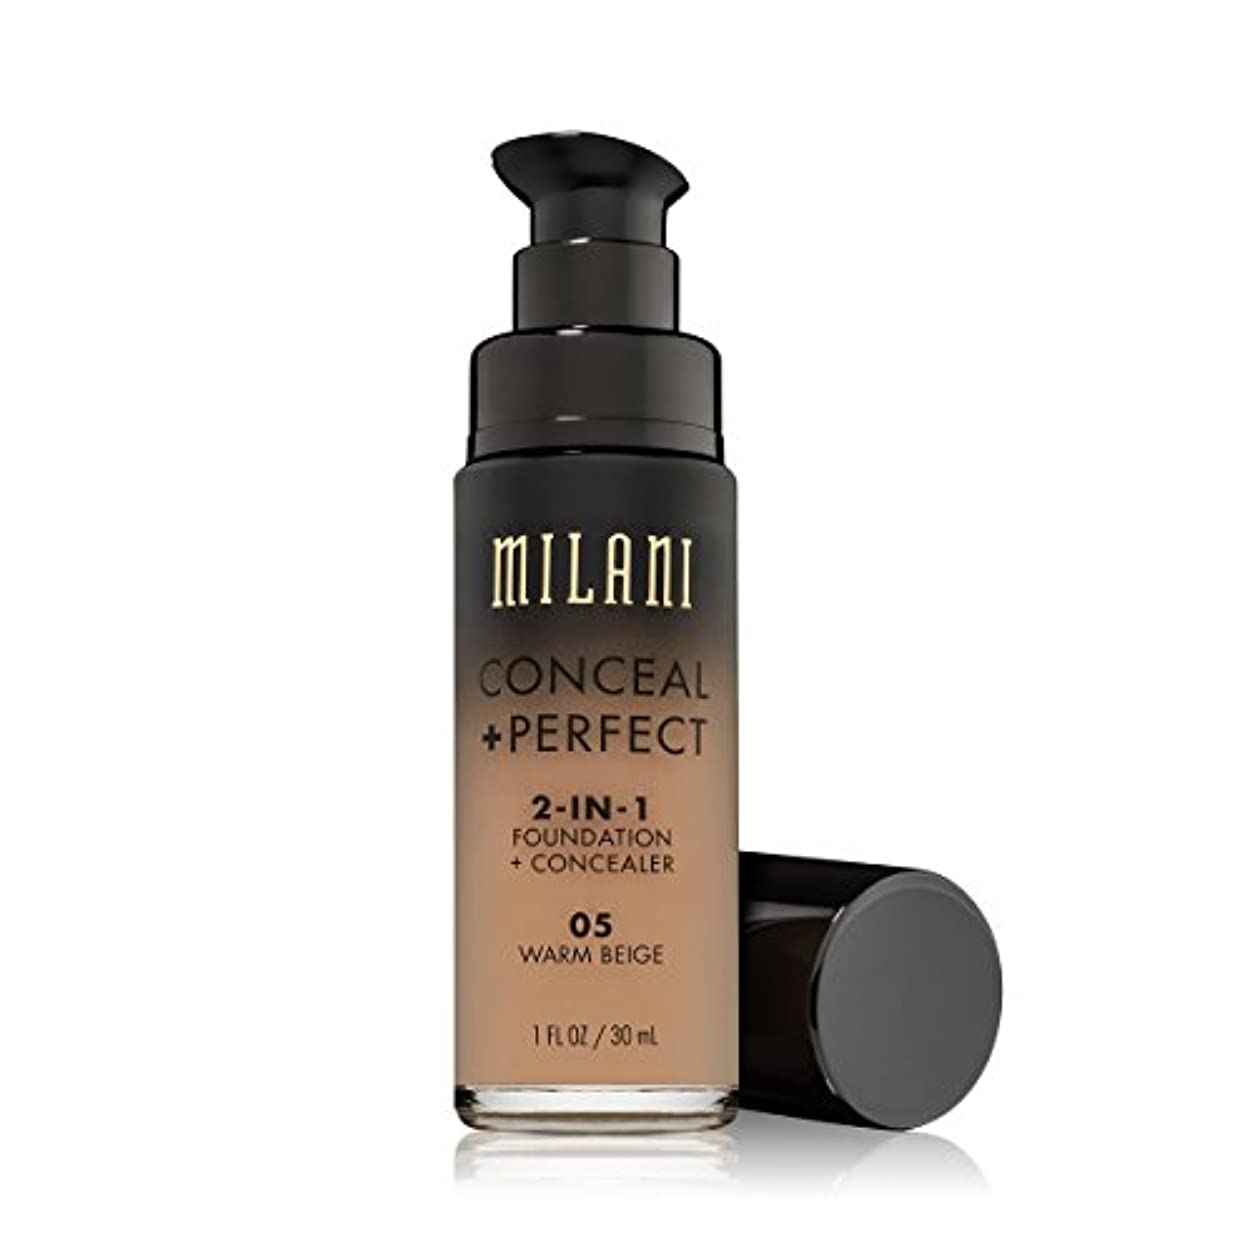 上うまれた最初はMILANI Conceal + Perfect 2-In-1 Foundation + Concealer - Warm Beige (並行輸入品)